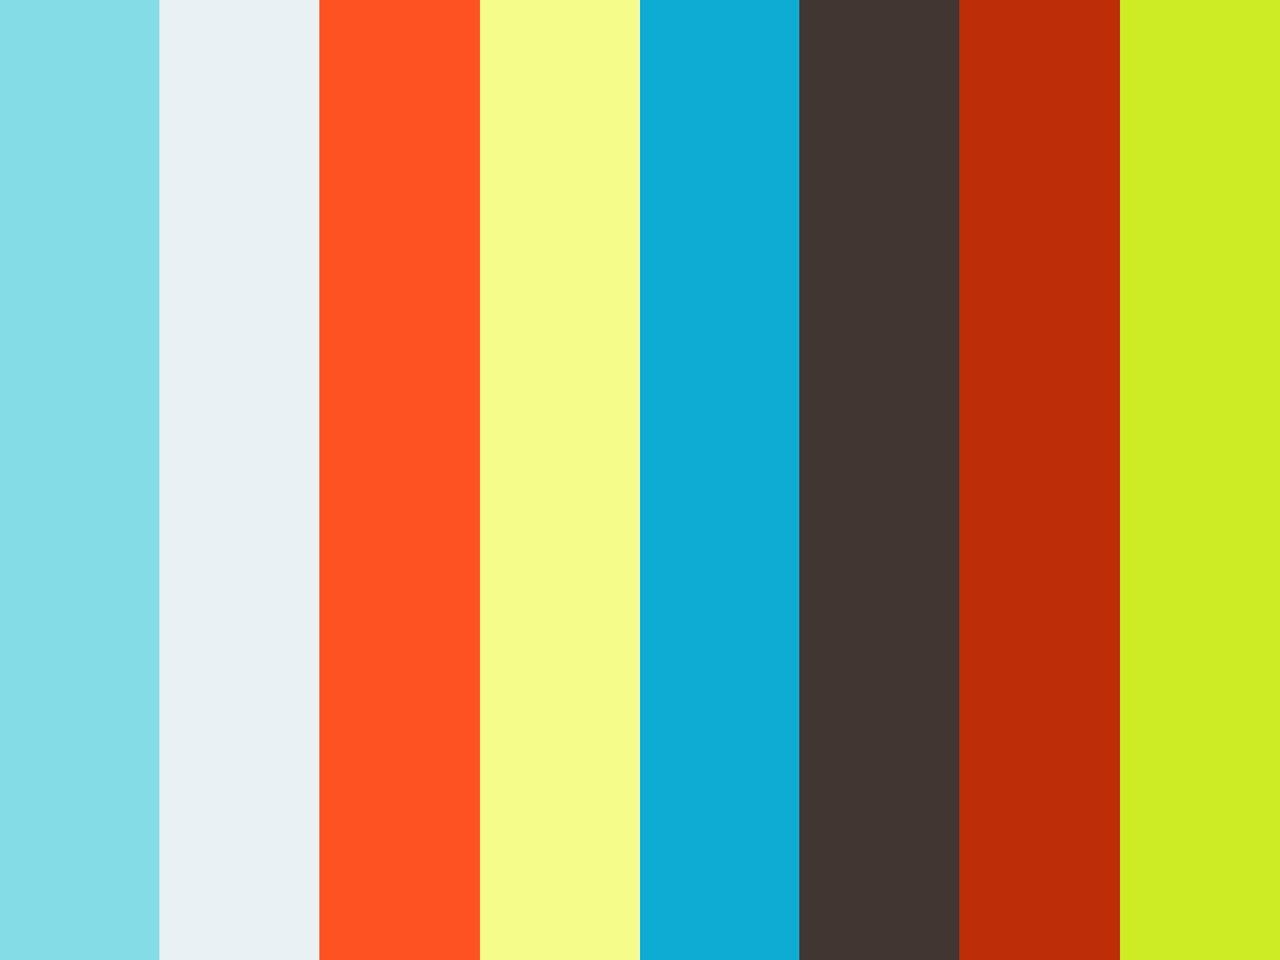 Molokai Covid19 Update - Monday, May 11, 2020